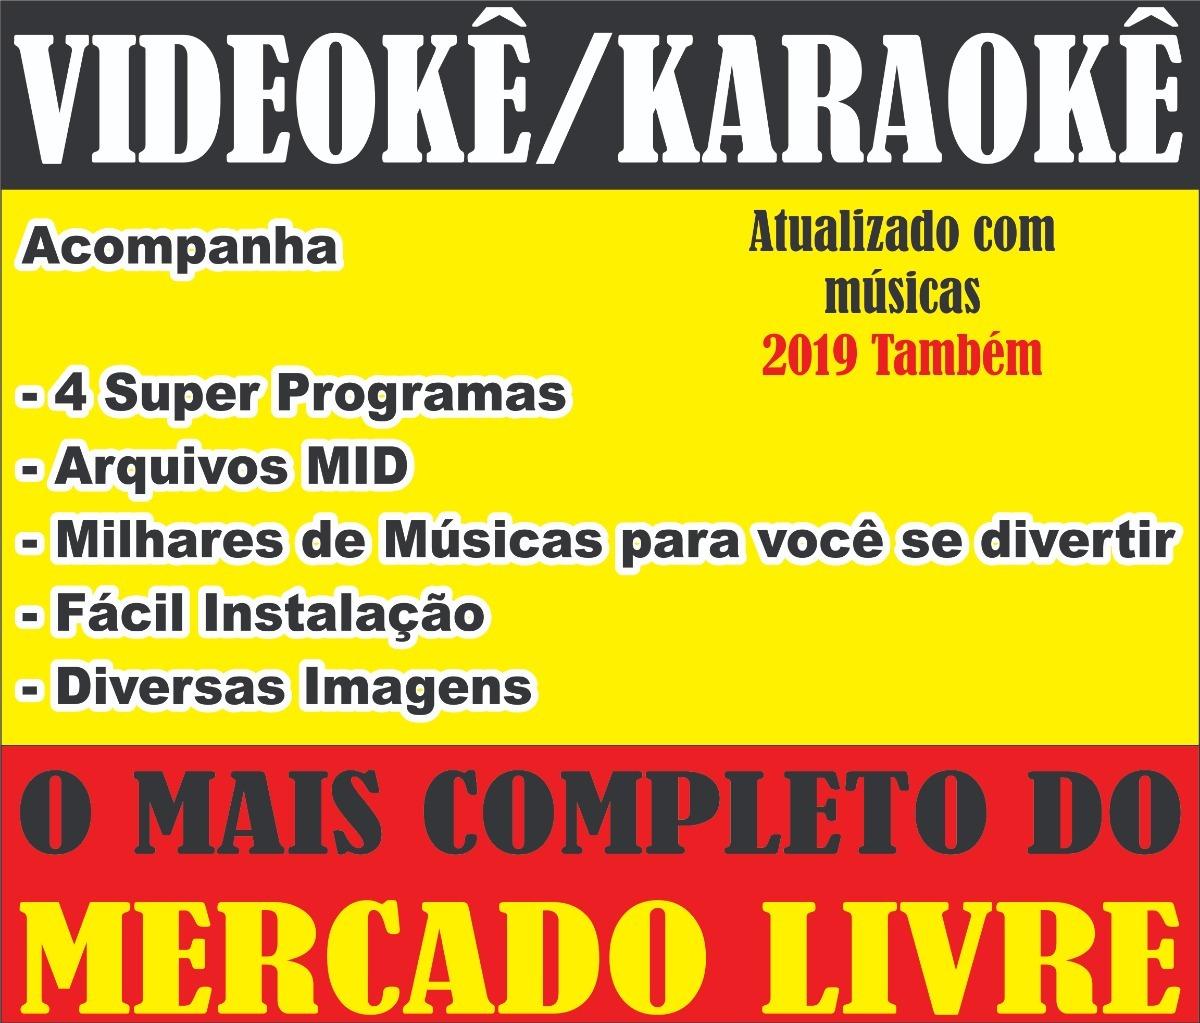 E MAROTO BAIXAR CONEXAO VAI MUSICA MP3 SORRISO CHORA